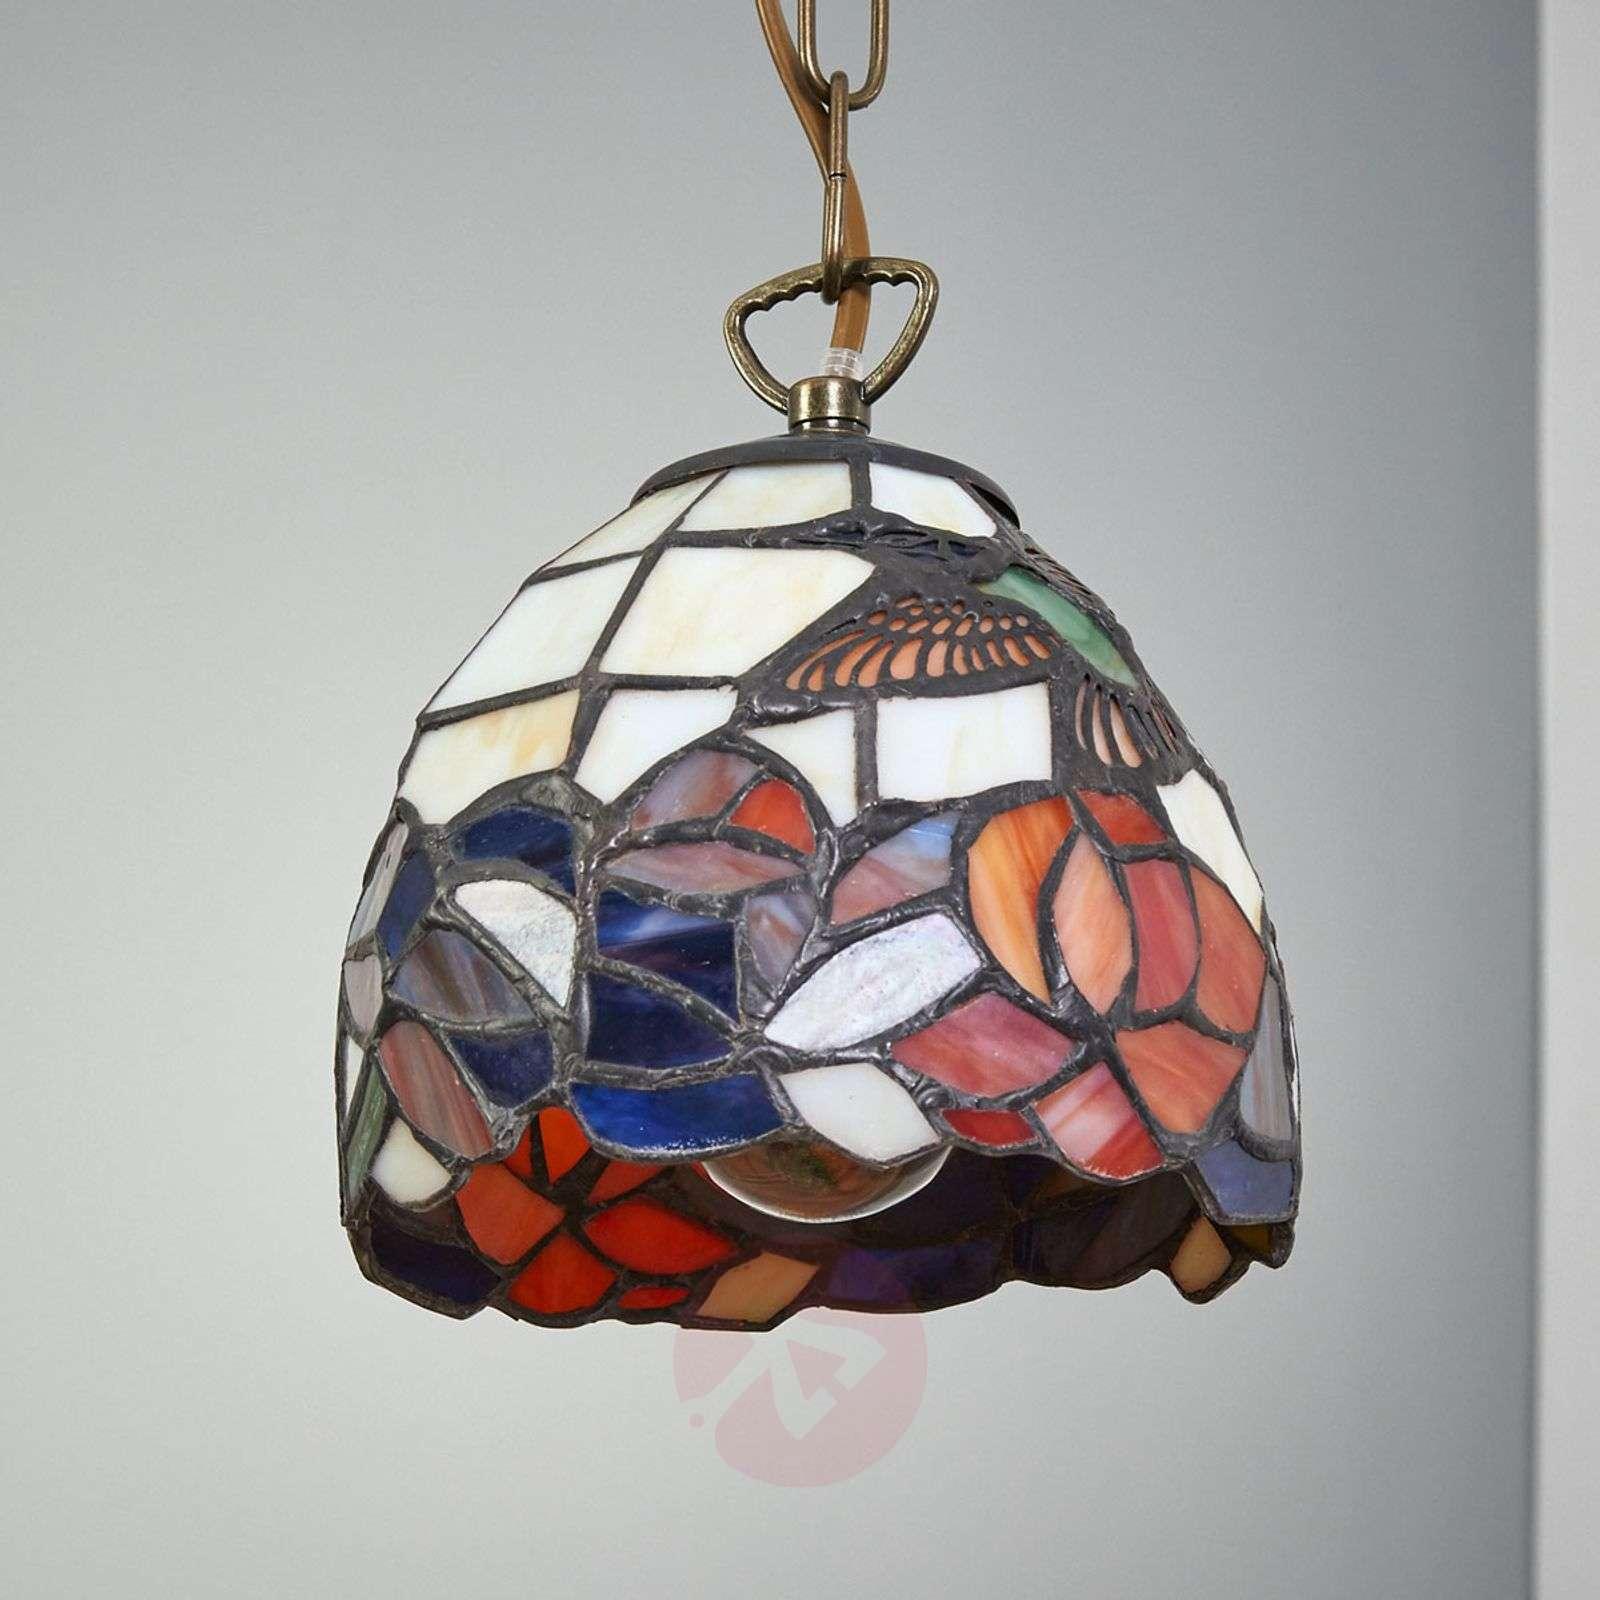 Tiffanytyylinen riippuvalaisin COLIBRI-1032064-01